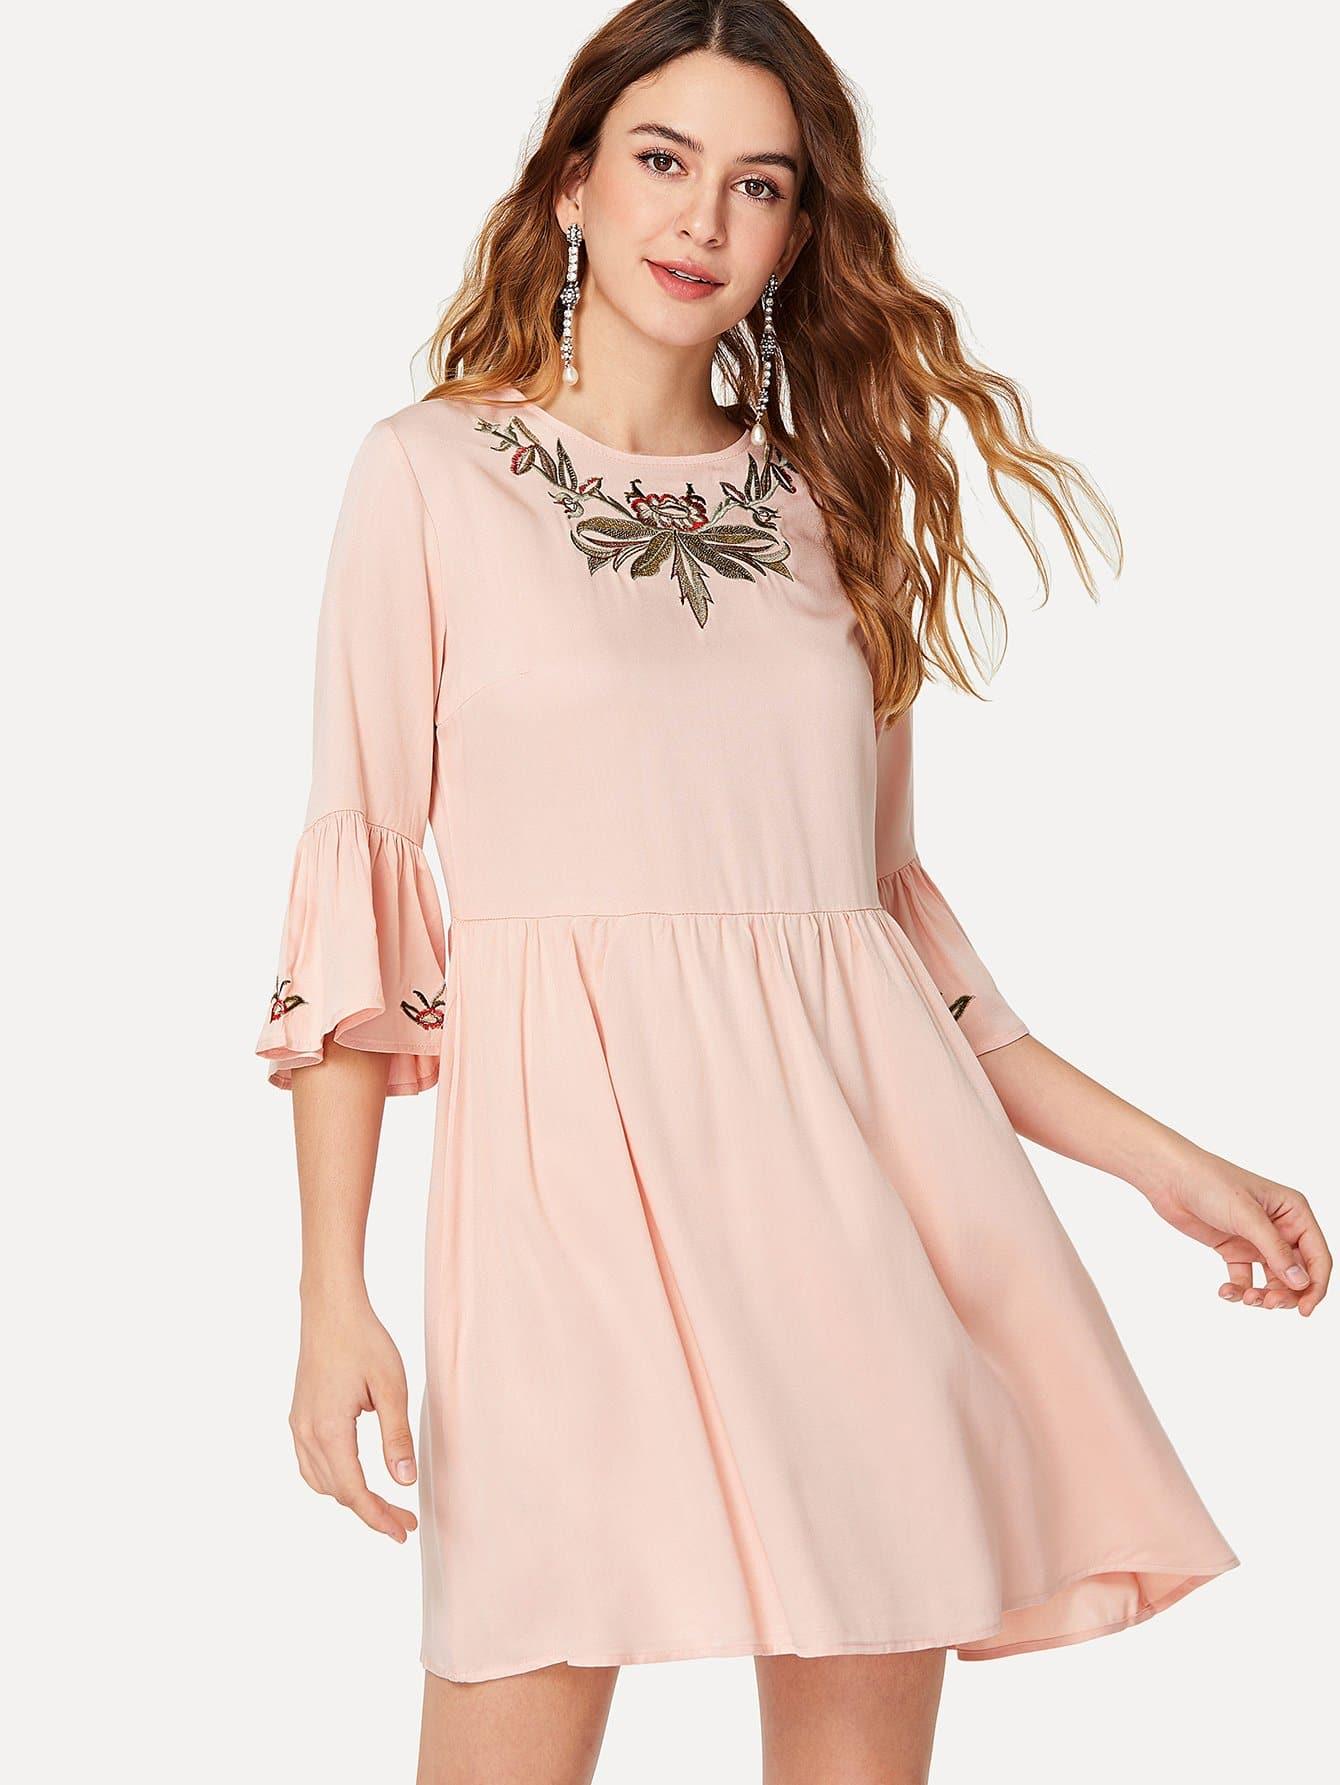 Дешево Купить Платье В Москве